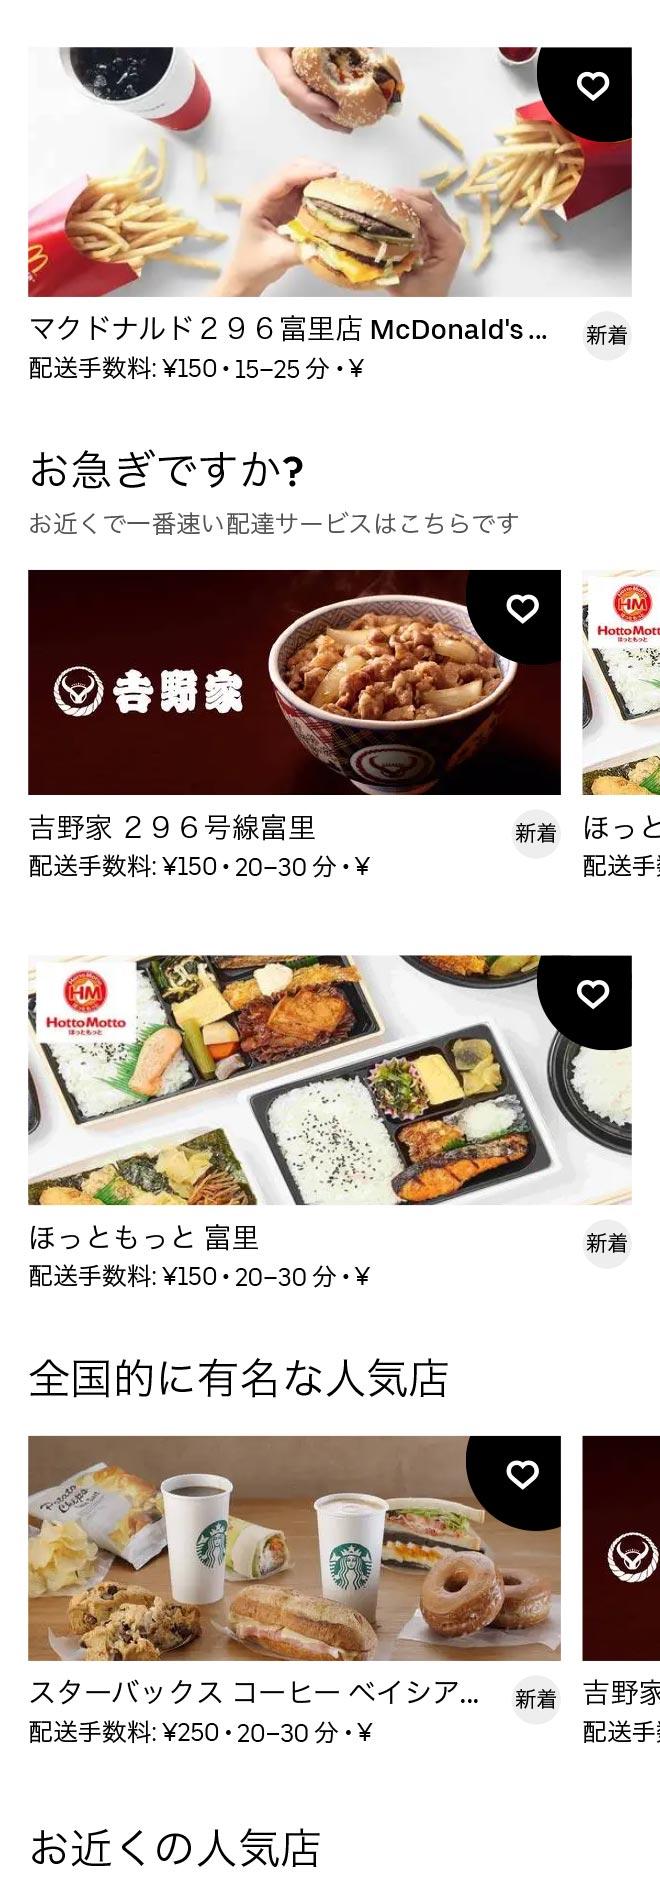 Tomisato menu 2011 1